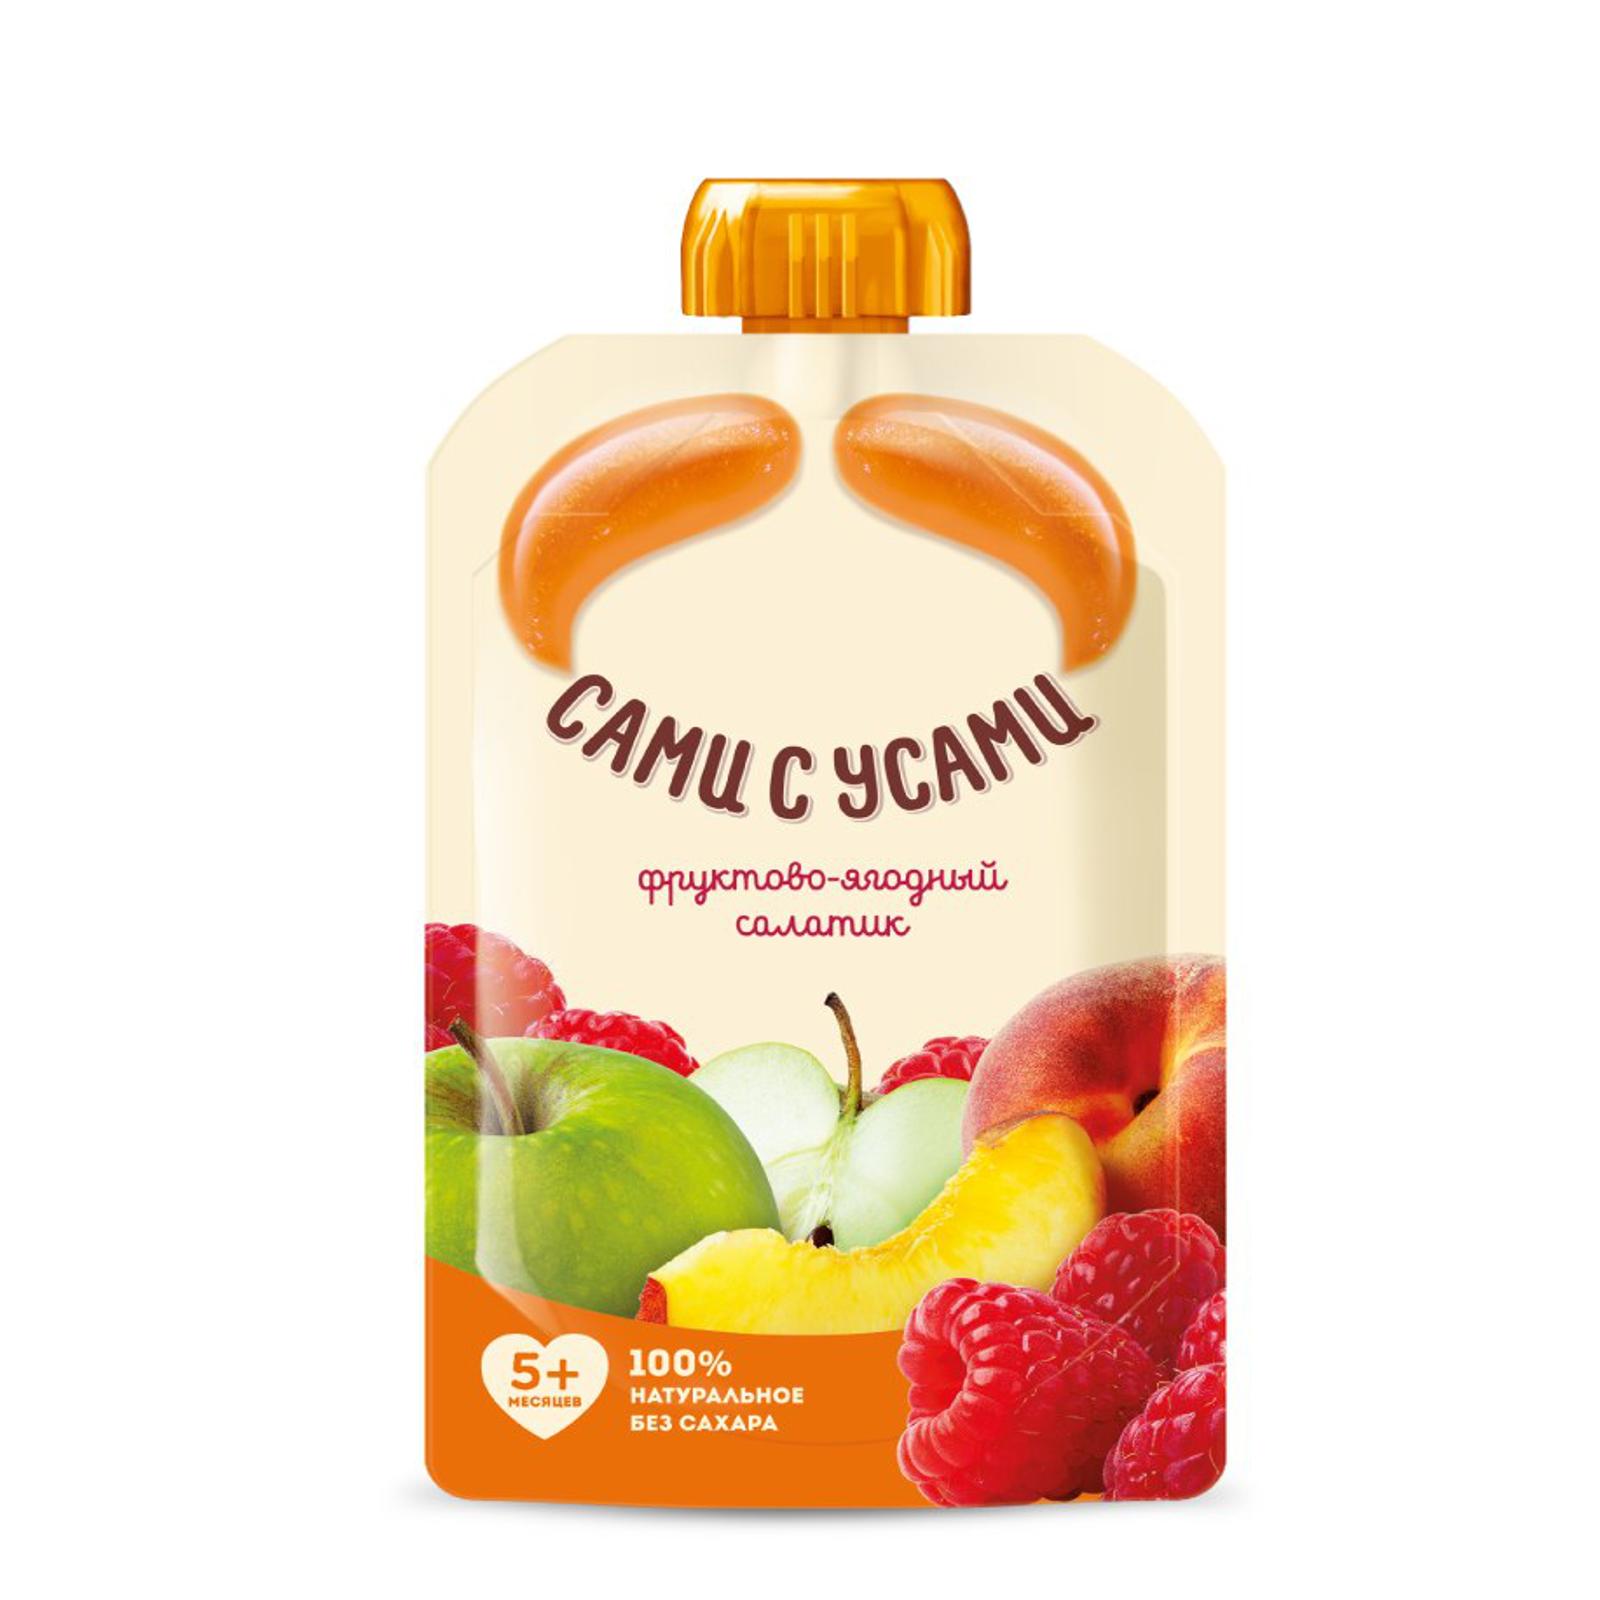 Пюре Сами с усами фруктовое 100 гр Яблоко персик малина (с 5 мес)<br>